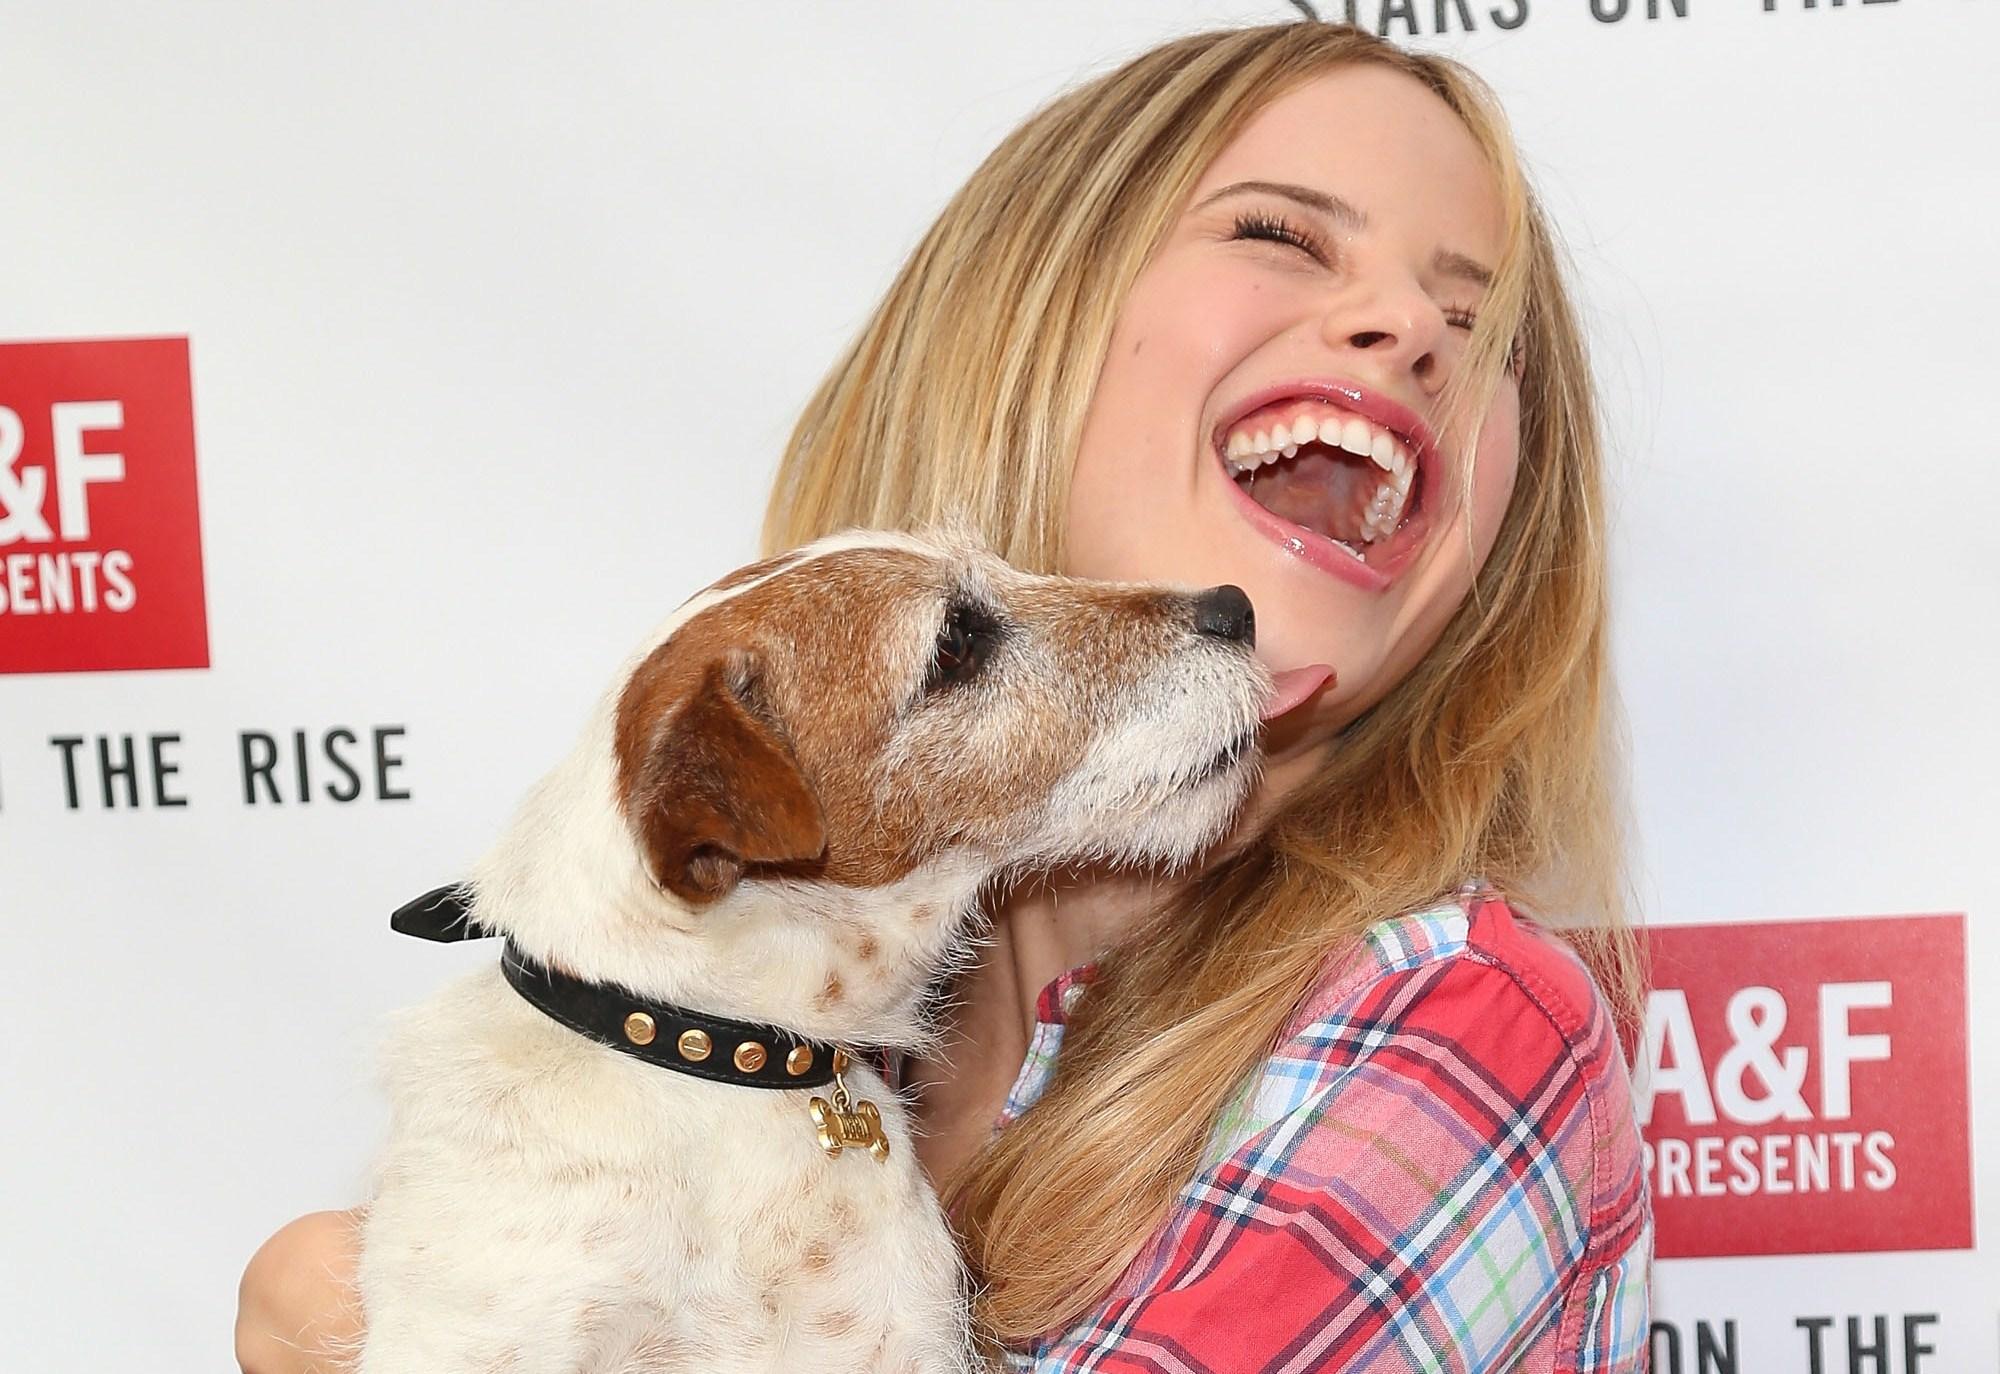 Meglio un cane di un uomo: 1 donna su 10 preferisce l'animale al partner